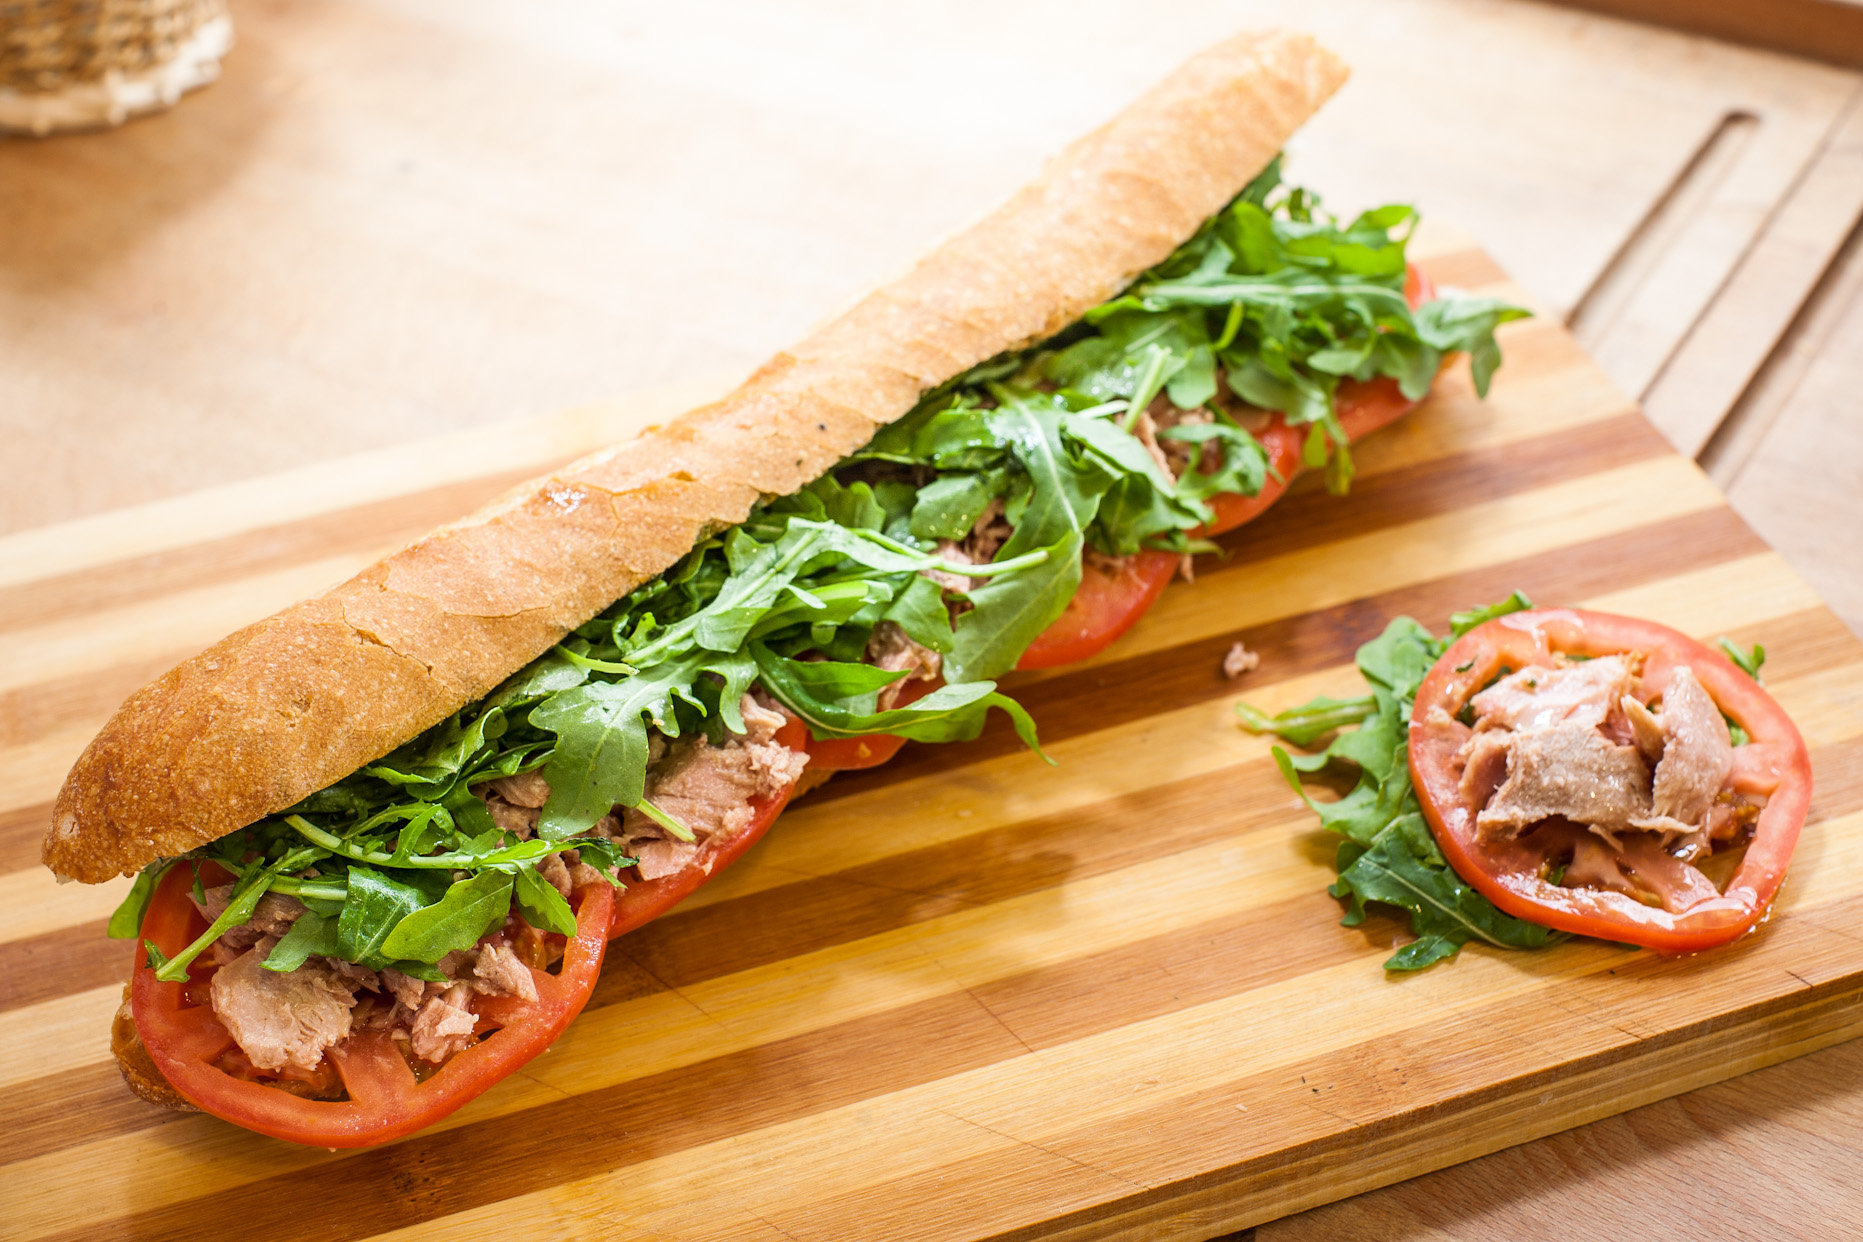 Amalfi Sandwich